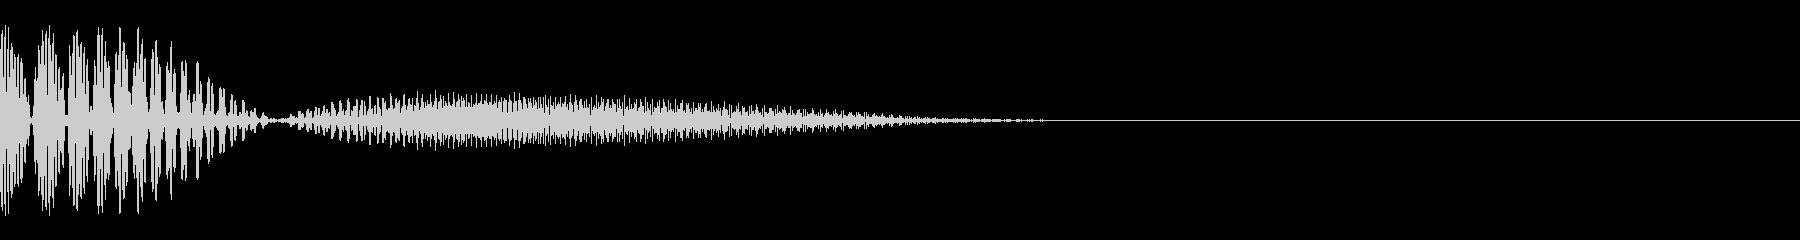 ぴょん(ジャンプ/かわいい/ポップ)の未再生の波形